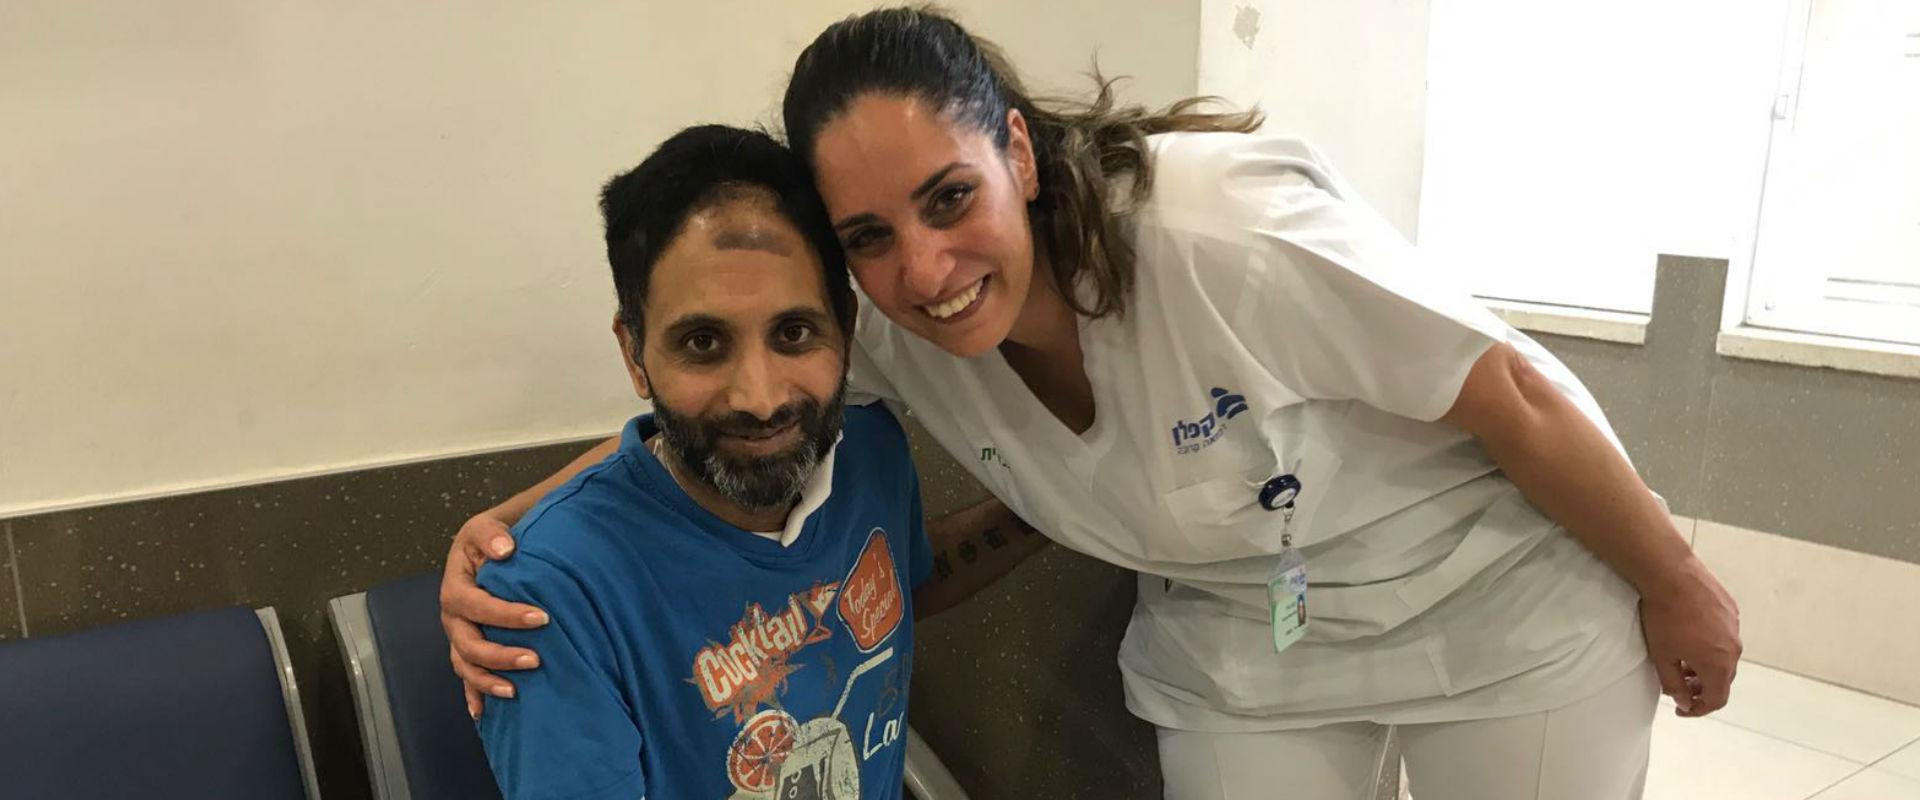 ניב נחמיה בעת שחרורו מבית החולים היום